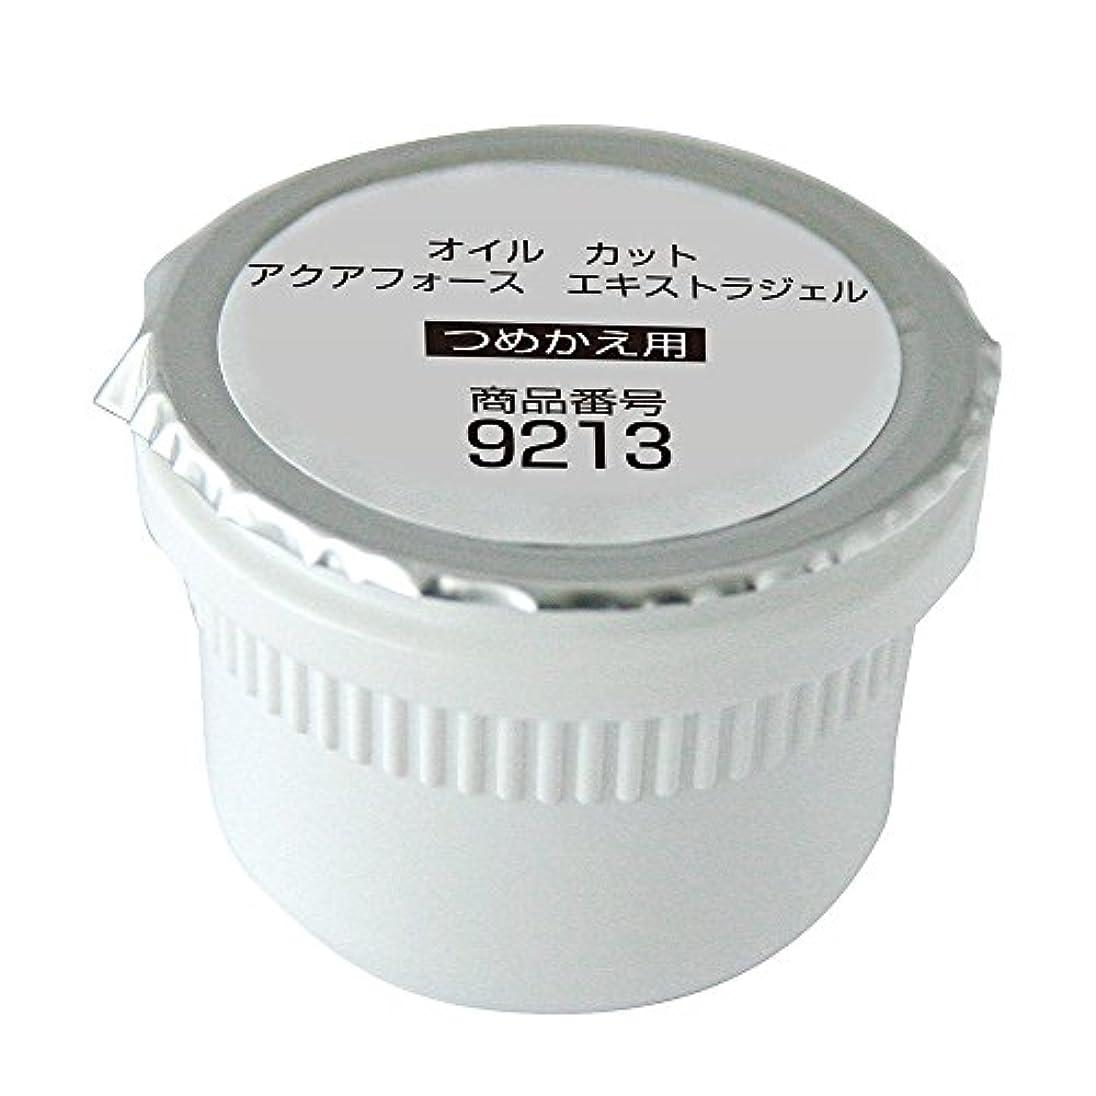 毒中央値リスナーオルビス(ORBIS) アクアフォースエキストラジェル 詰替 30g ◎保湿ジェル◎